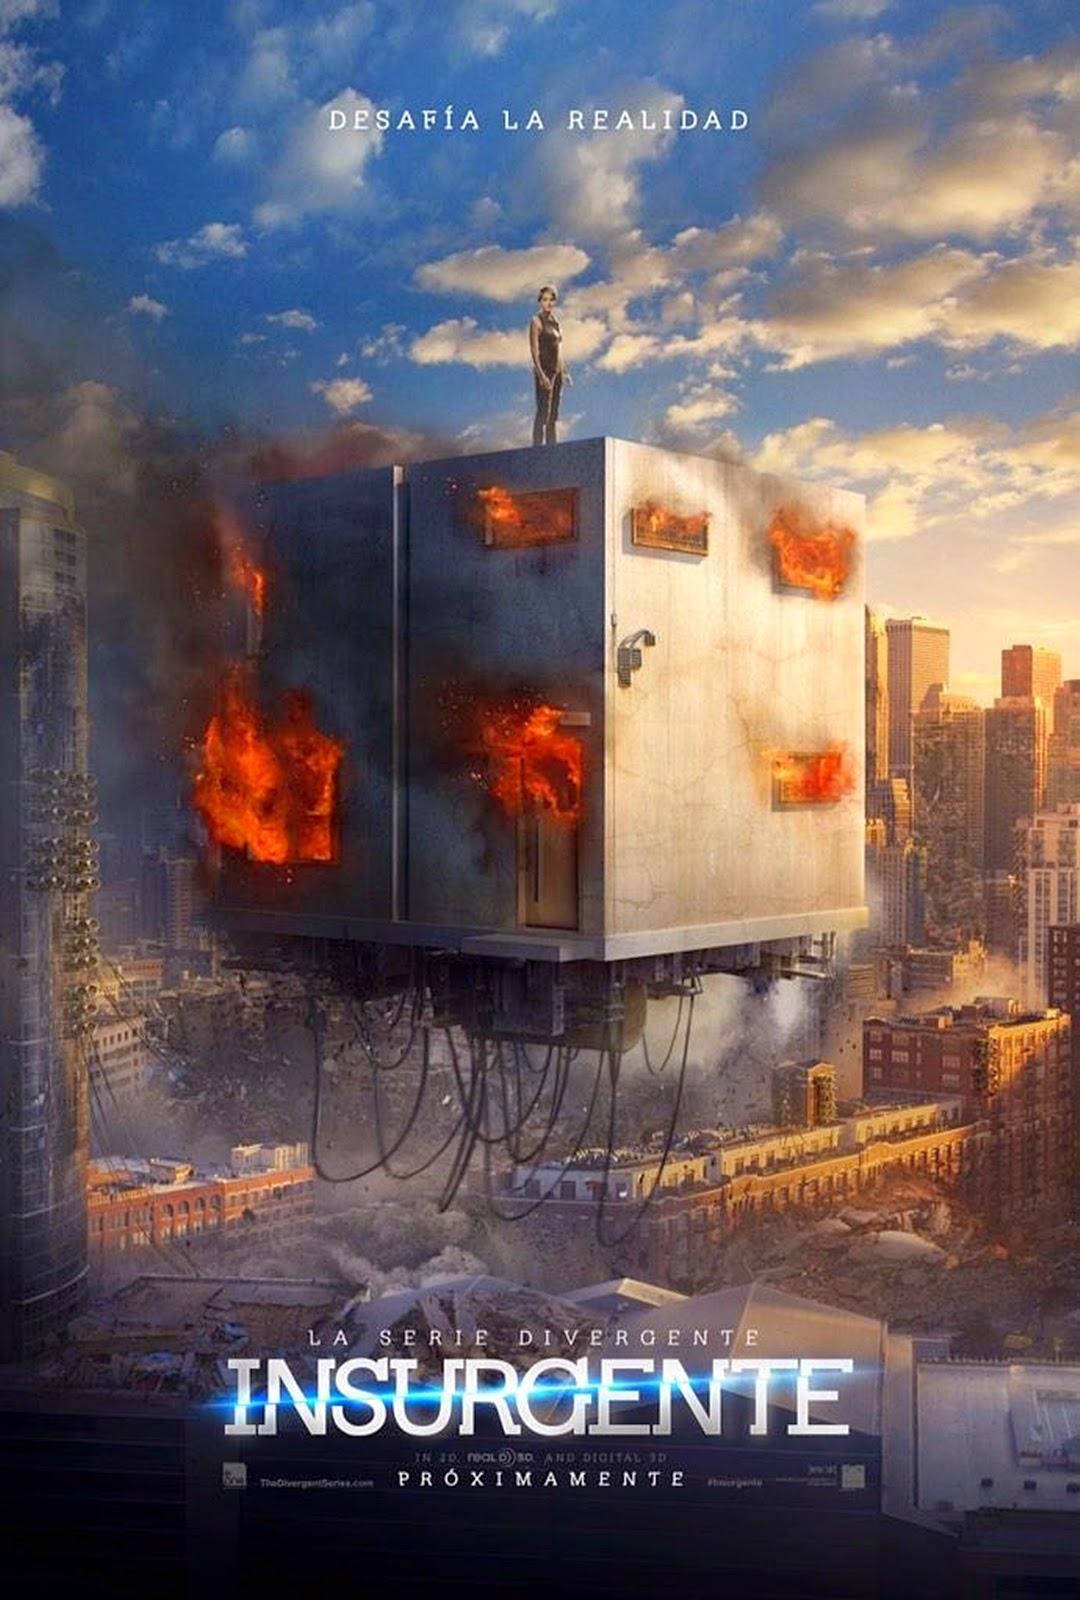 La Serie Divergente: Insurgente (01-04-2015)